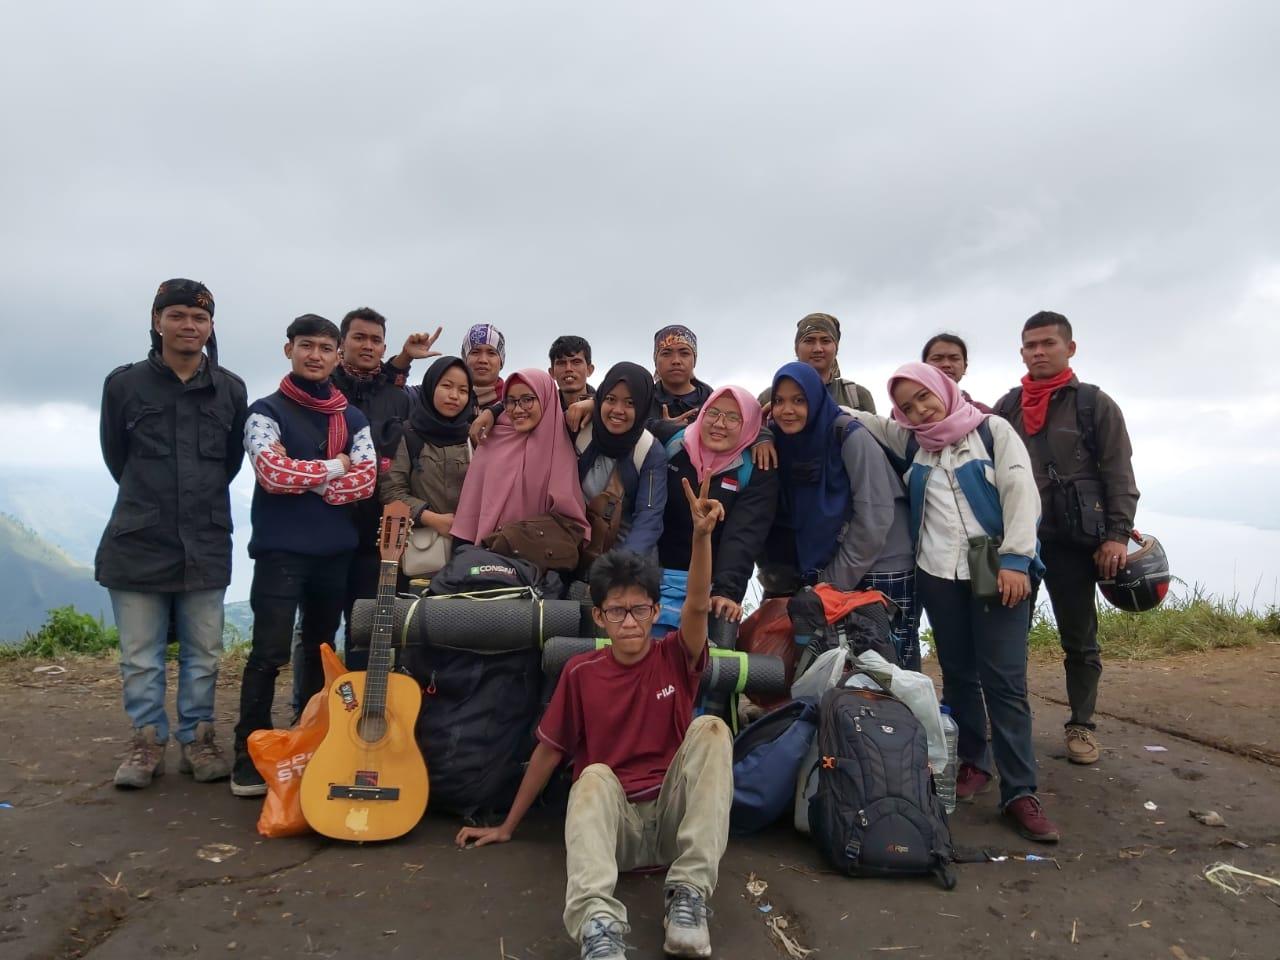 Komunitas Tenda Ilmu Launching di Bukit Gajah Bobok